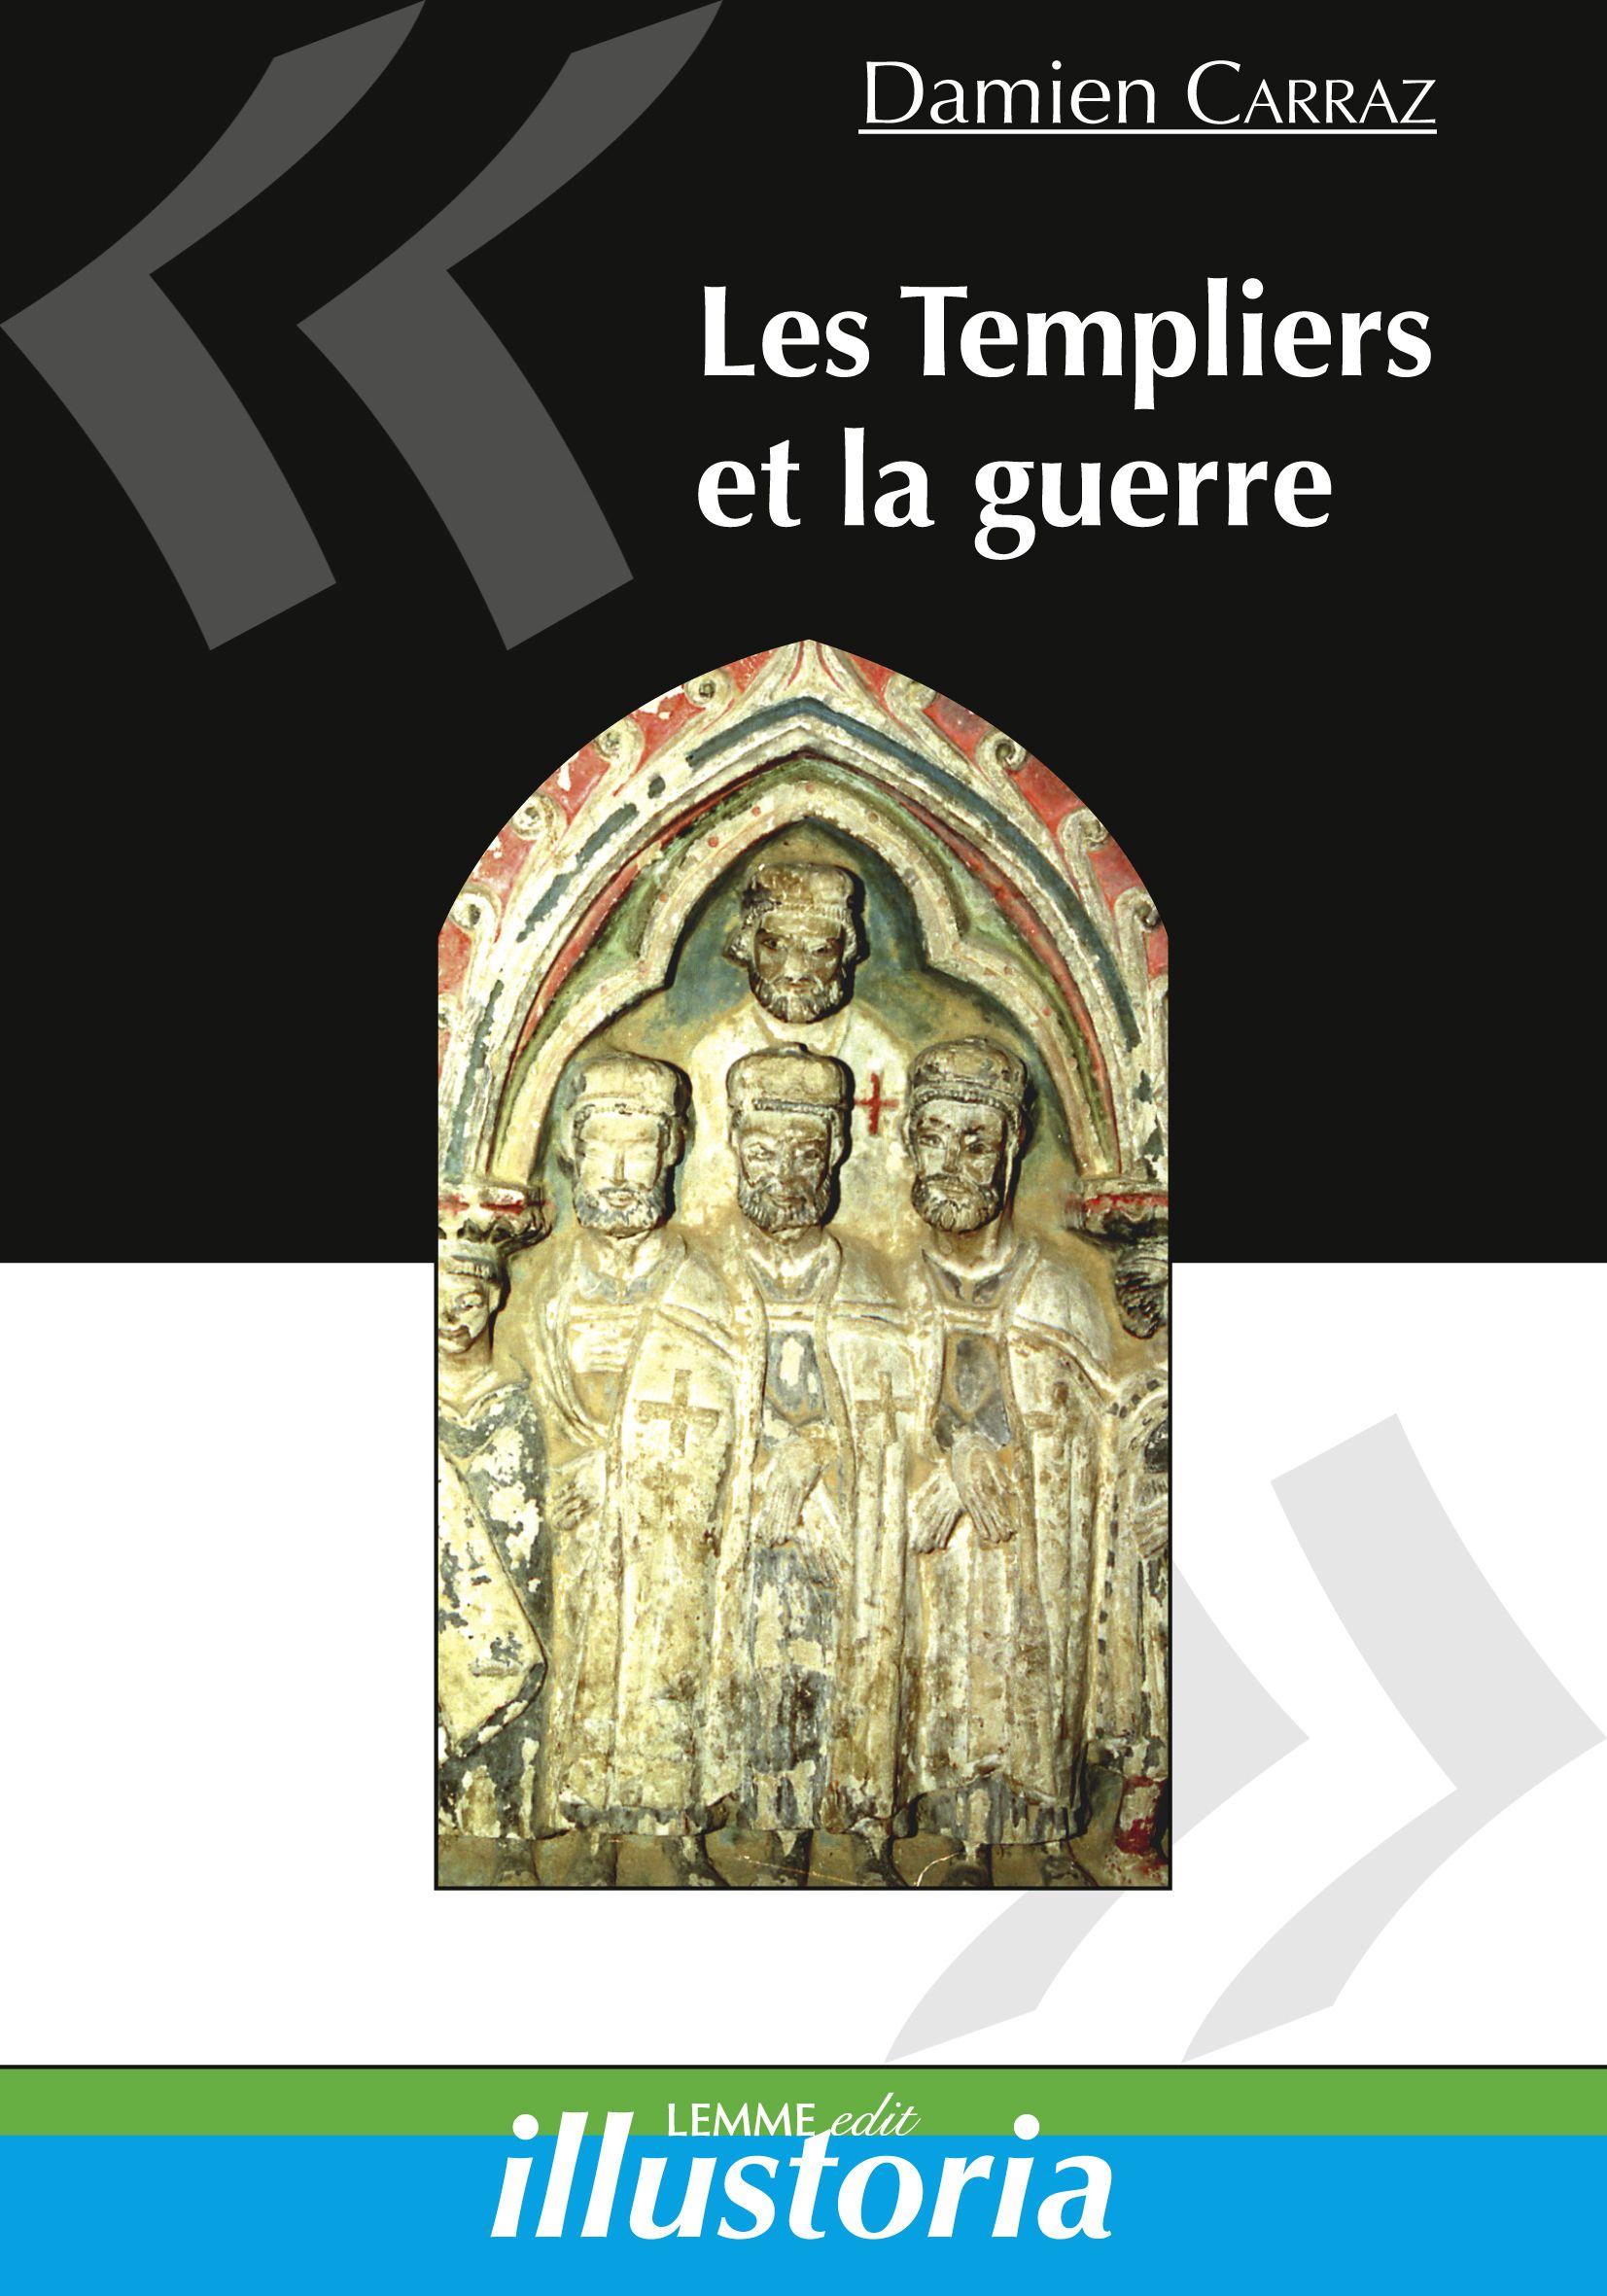 Les Templiers et la guerre, Damien Carraz, ouvrage d'histoire du Moyen Âge, Ordres religieux, Croisades.